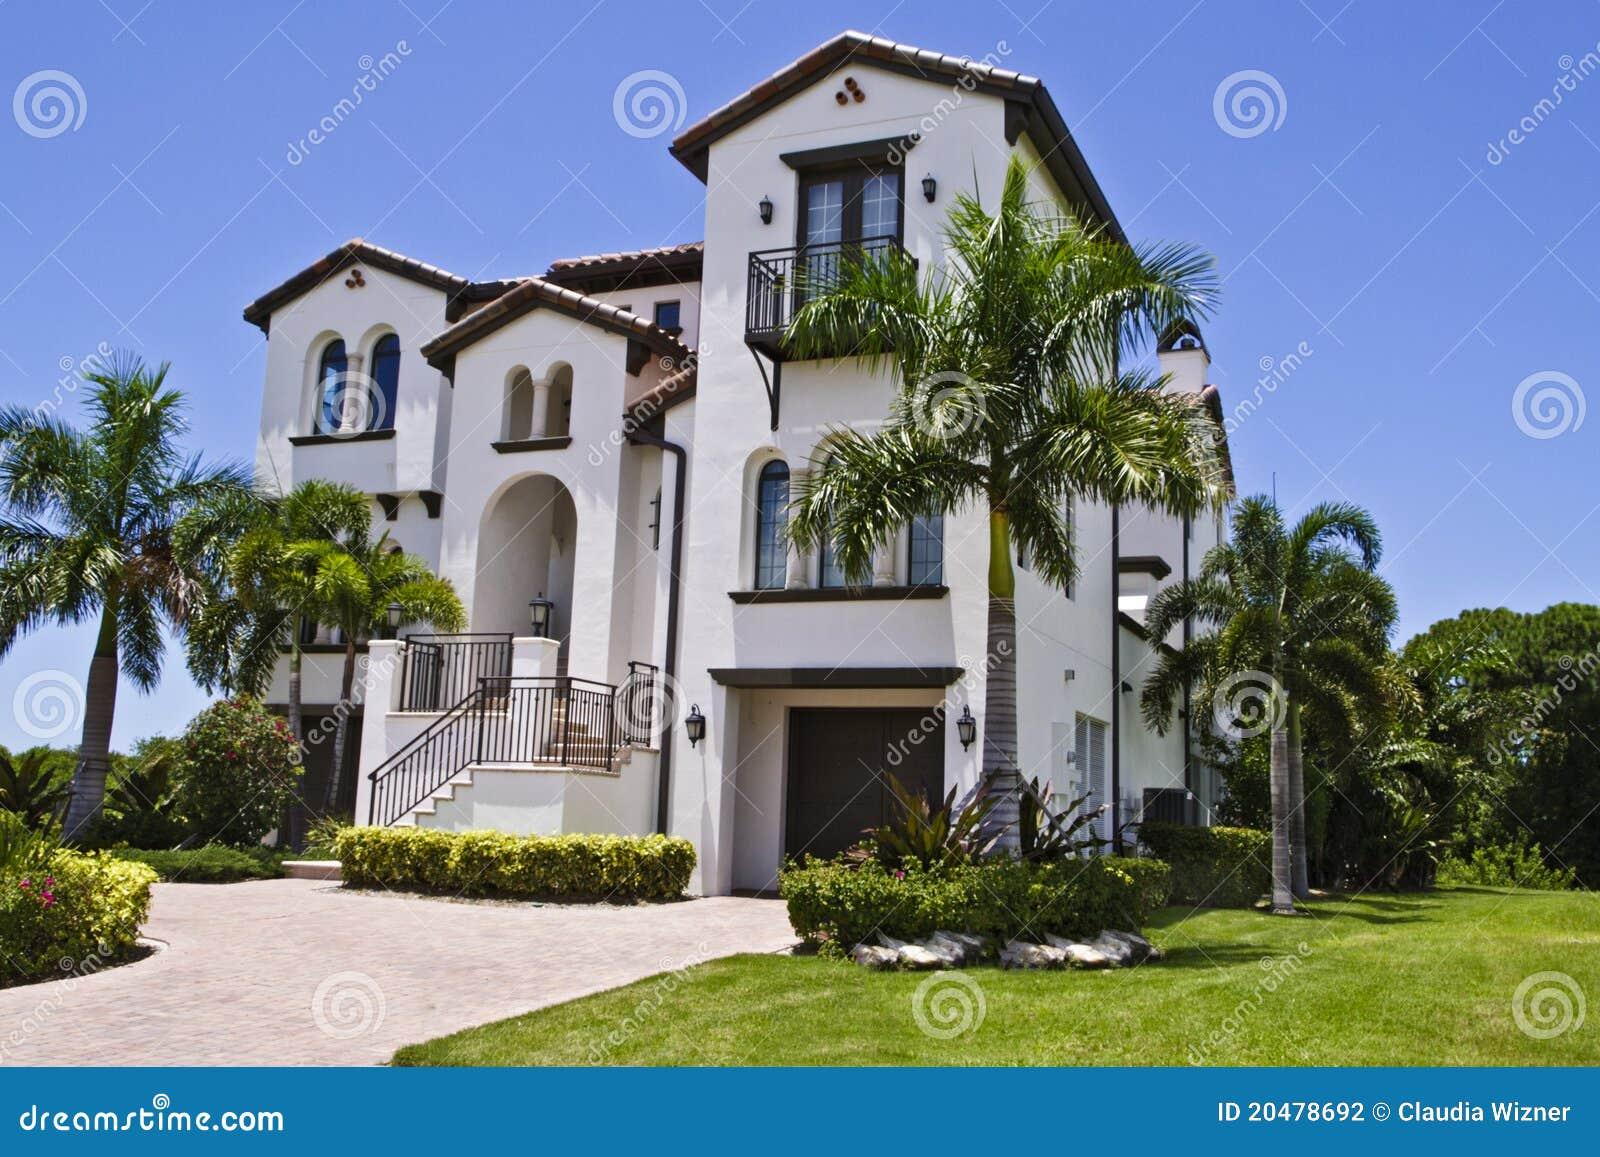 Maison espagnole luxueuse de type photo stock image du m tropolitain fa ade 20478692 - Maison modulaire espagnole ...